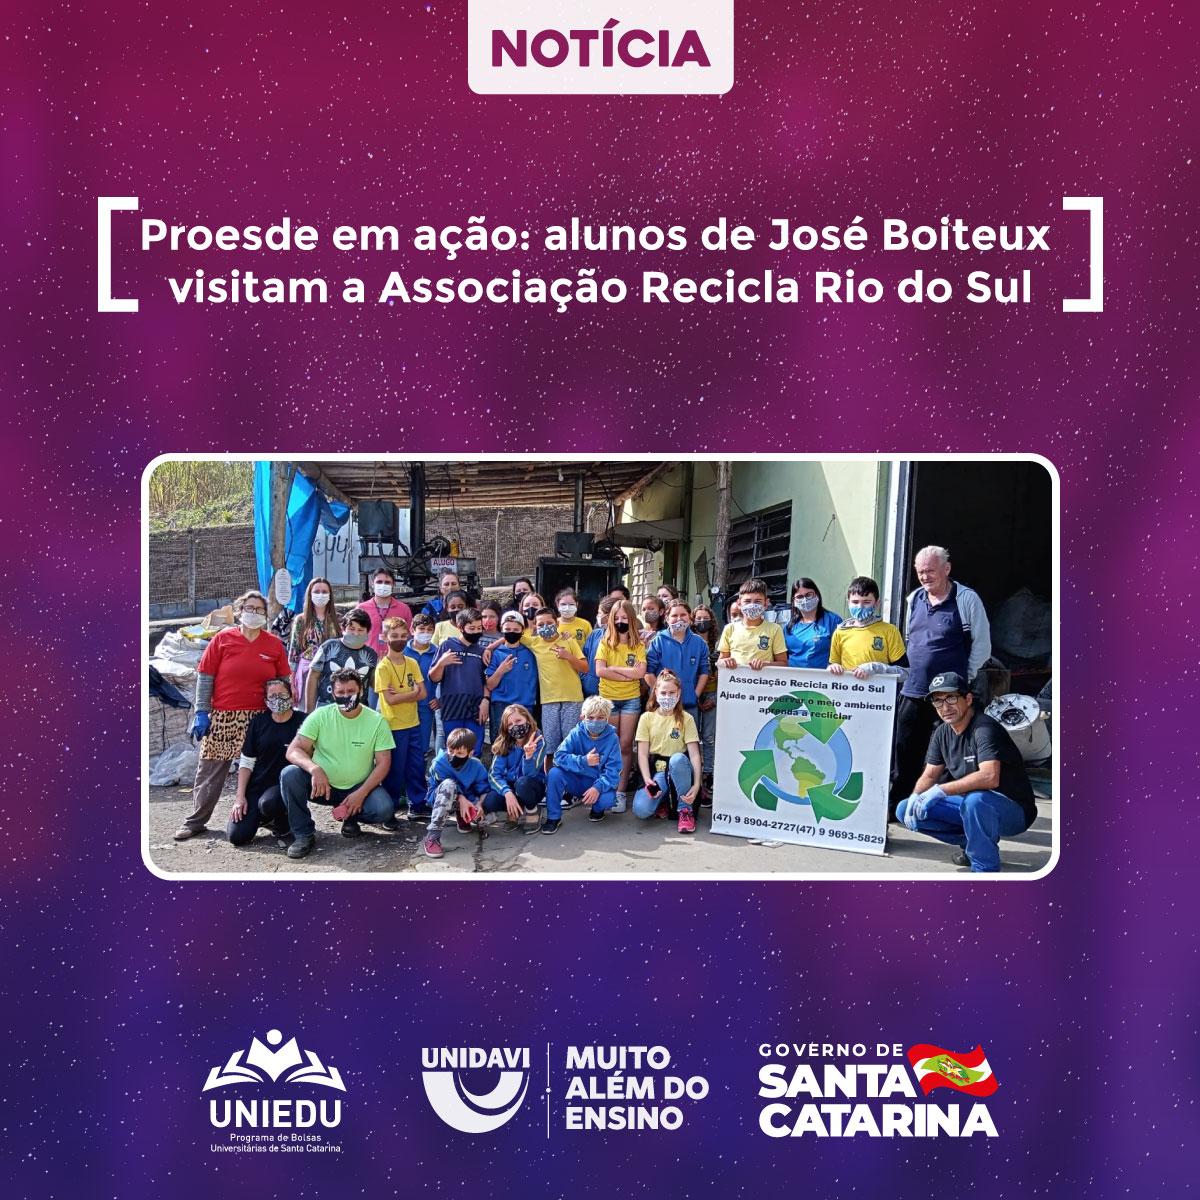 Proesde em ação: alunos de José Boiteux visitam a Associação Recicla Rio do Sul